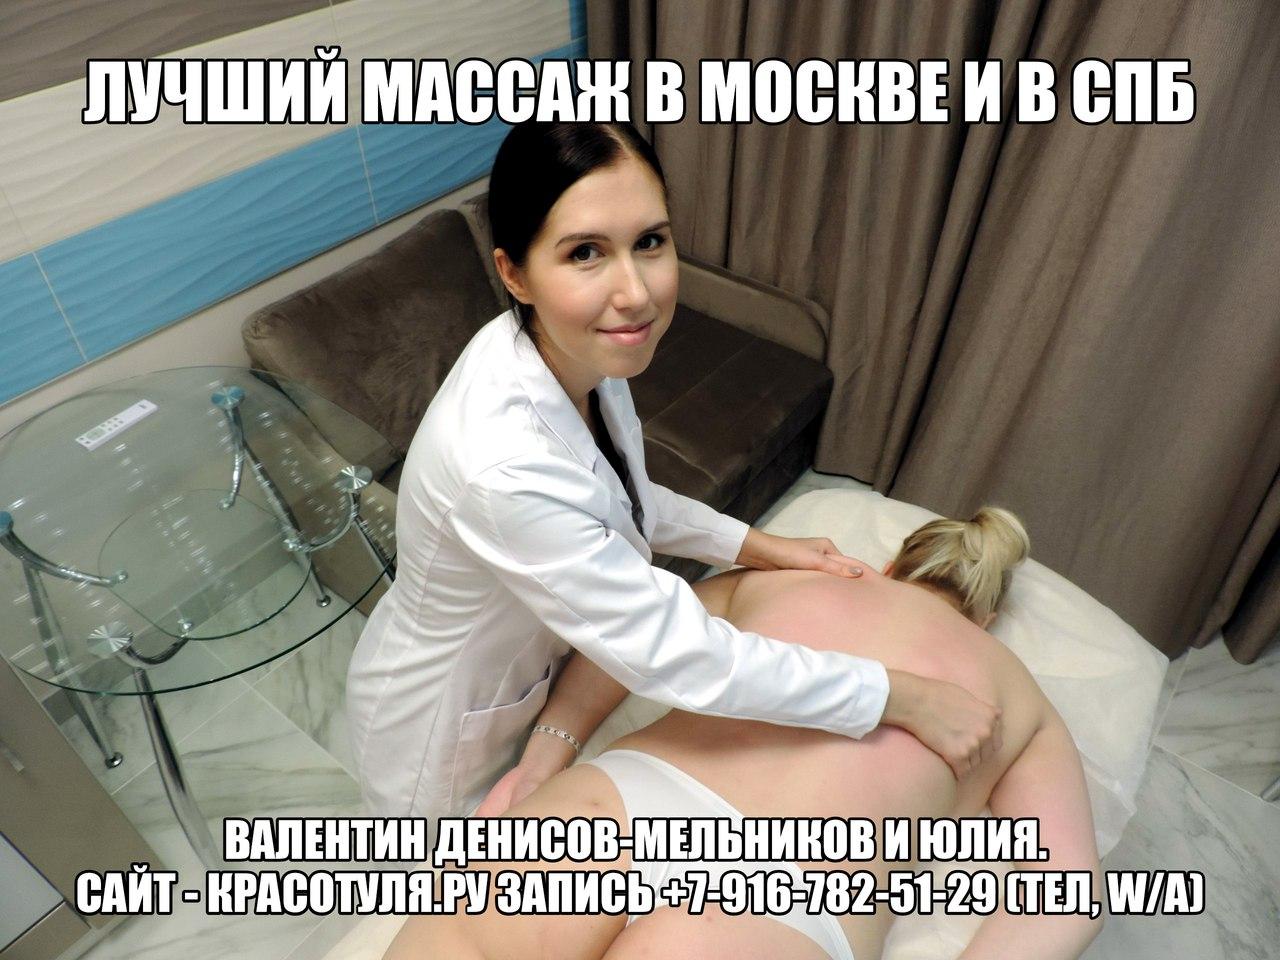 tolstushka-laskaet-sebya-i-konchaet-videlyaya-sok-iz-vlagalisha-poluchaet-orgazm-pod-muzhem-porno